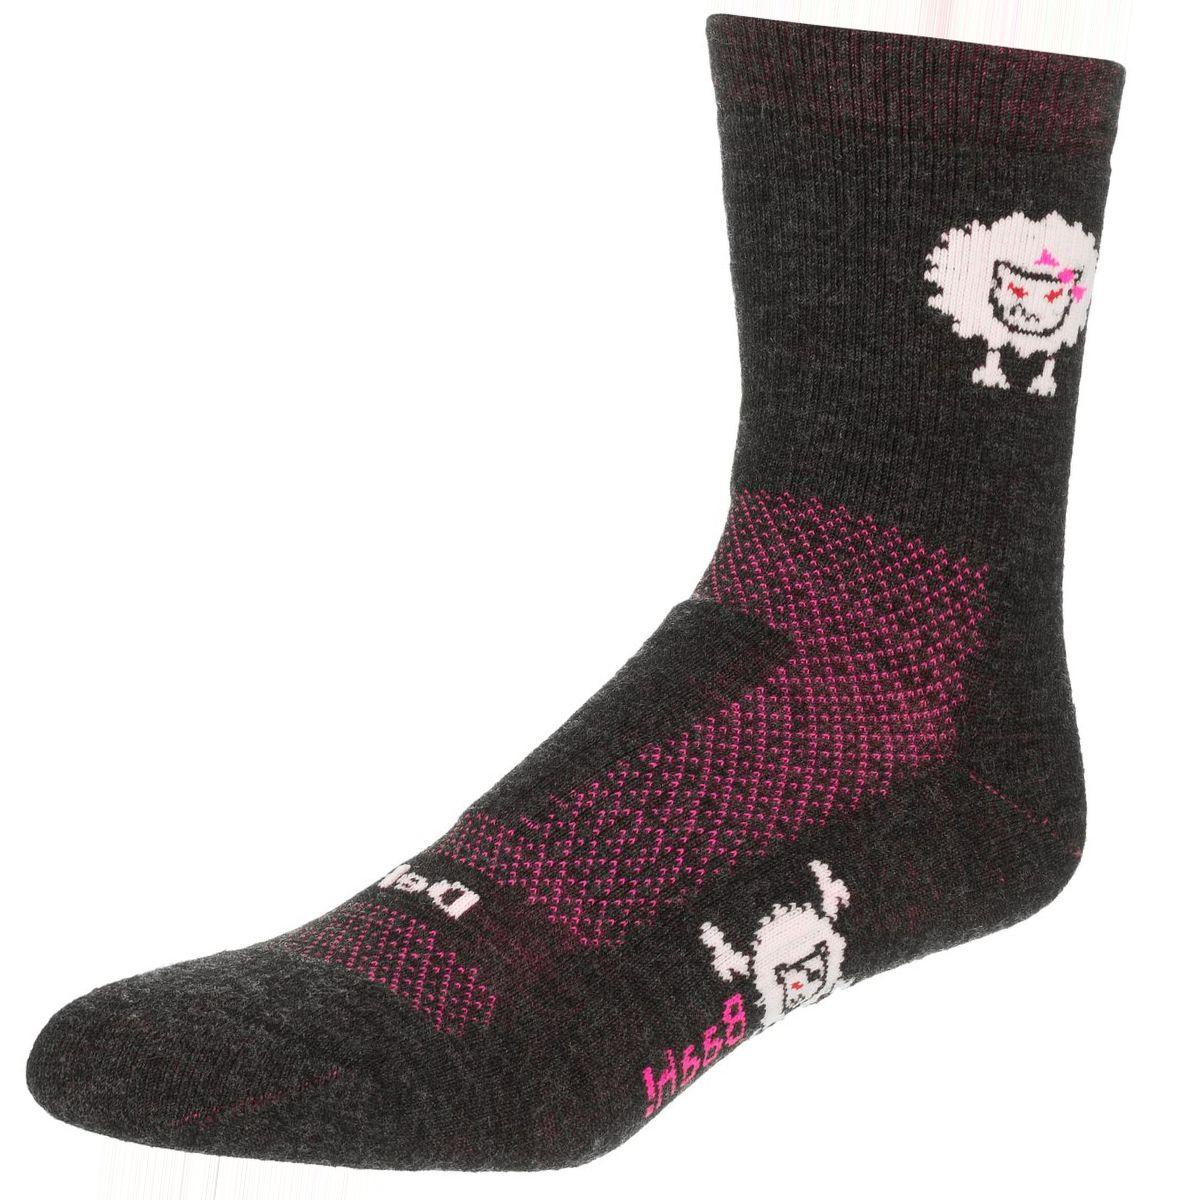 DeFeet Woolie Boolie Baaad Sheep Sock - Women's